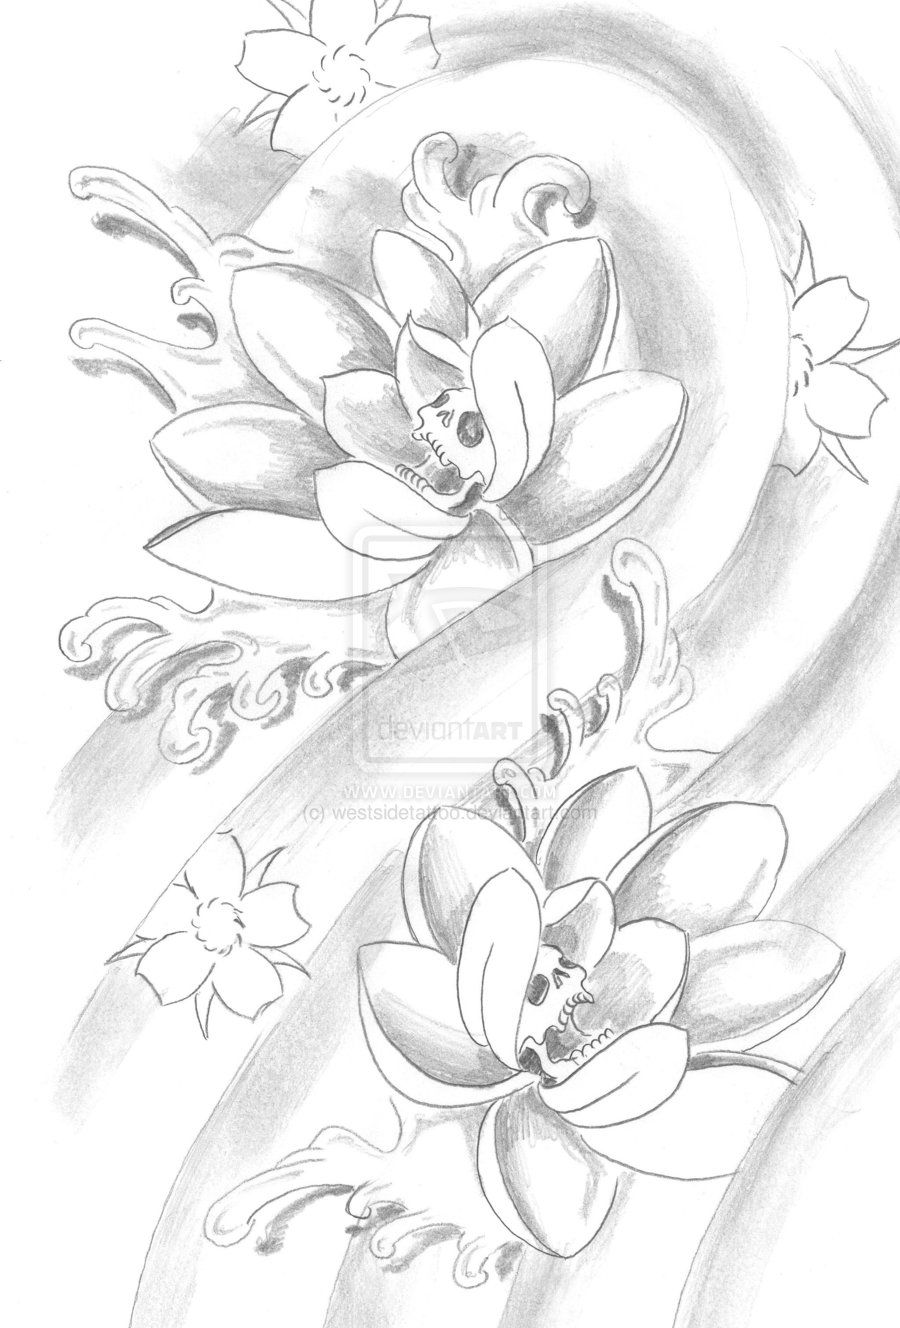 Lotus flower drawing sketchdrawings sketch of lotus drawing and lotus flower drawing sketchdrawings sketch of lotus drawing and coloring for kids 2bx9qkqt izmirmasajfo